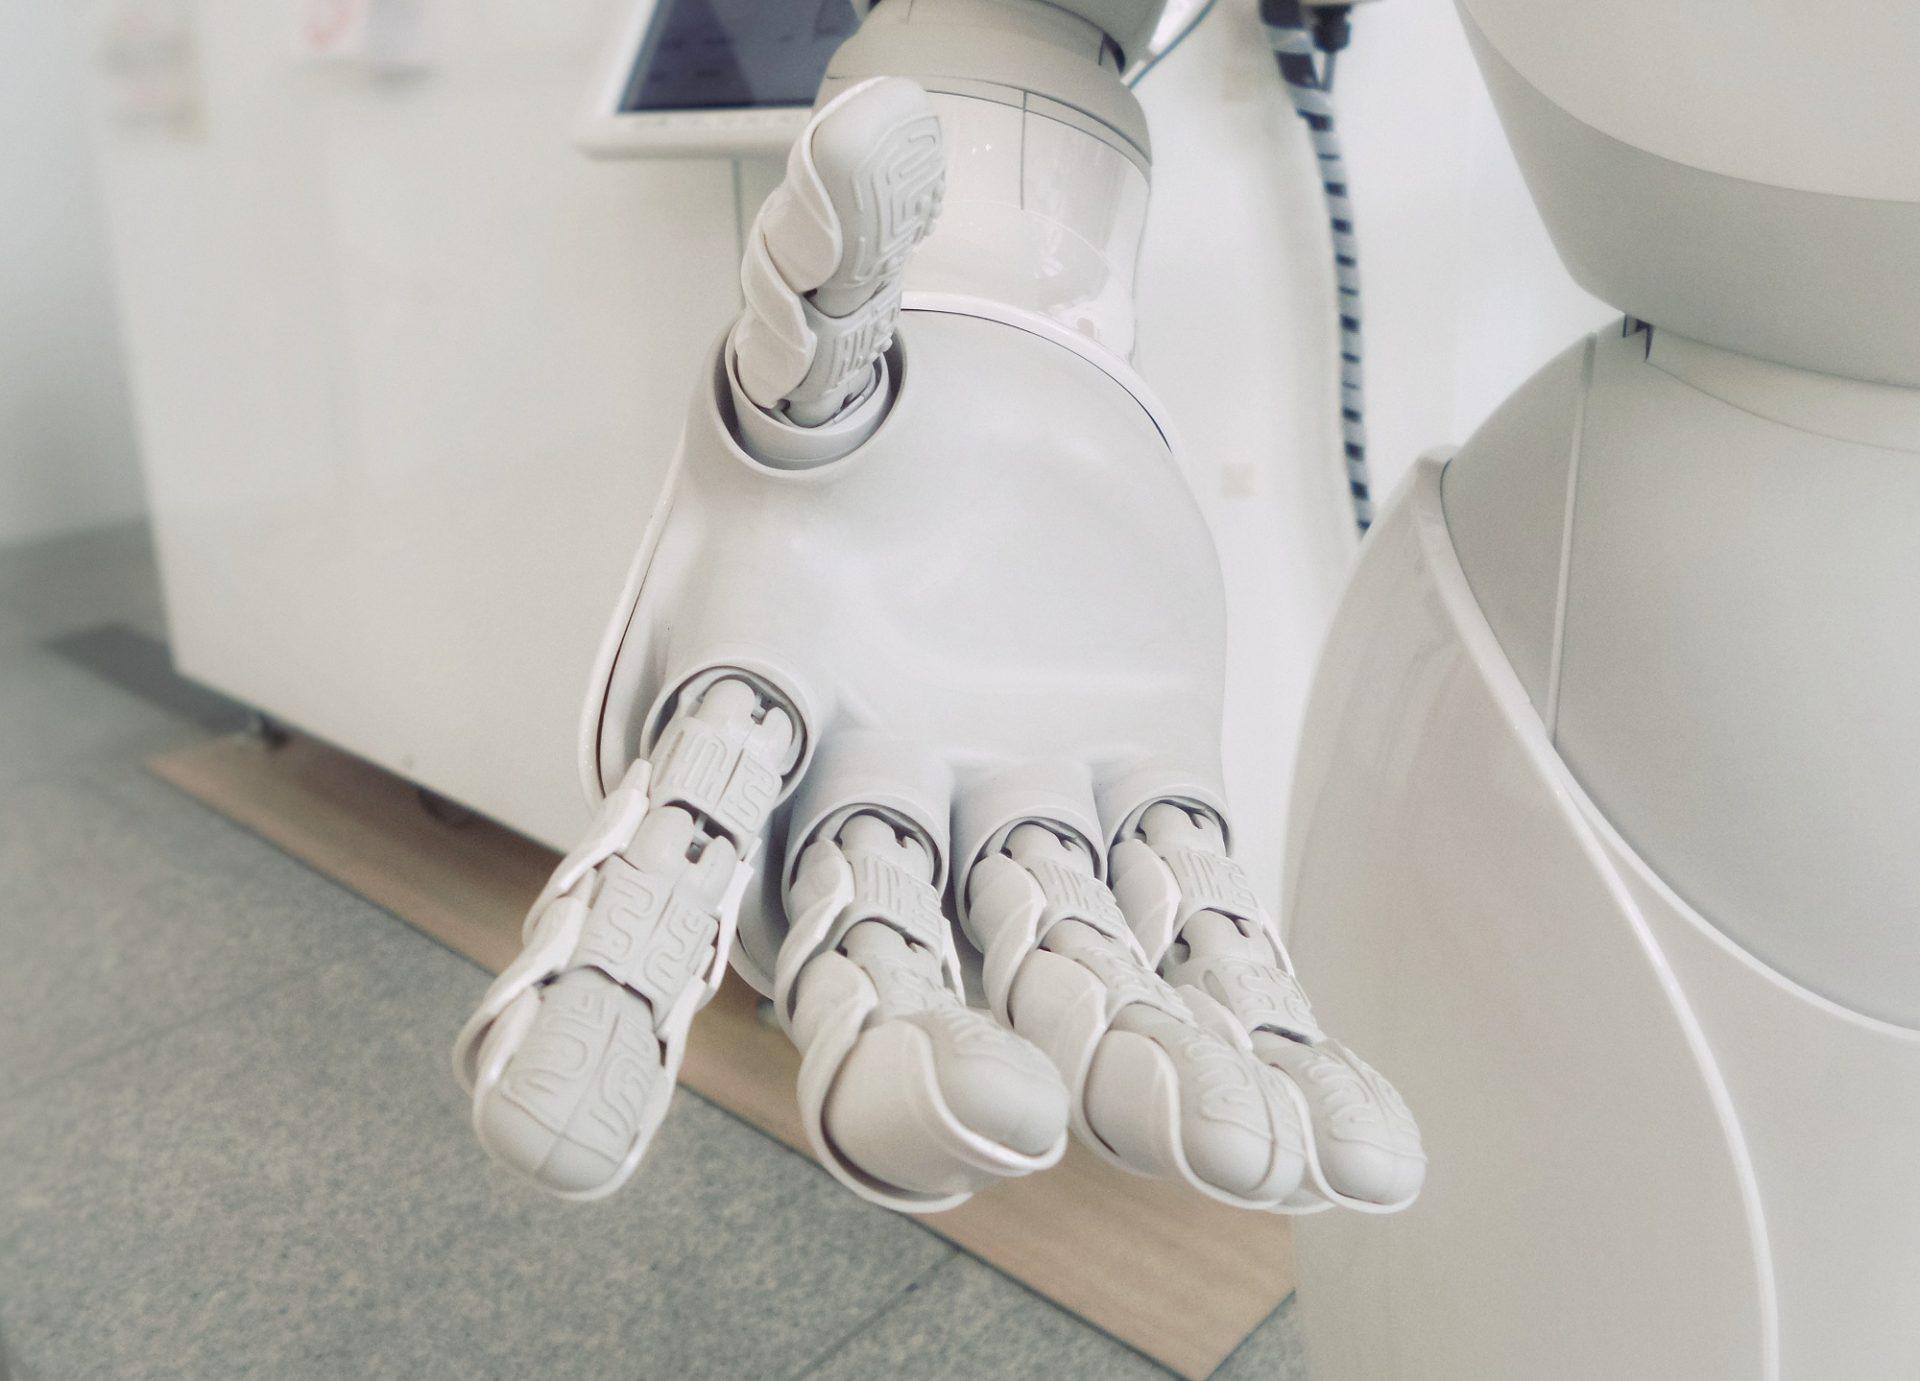 7 robotov priekopníkov v oblasti zdravotnej starostlivosti